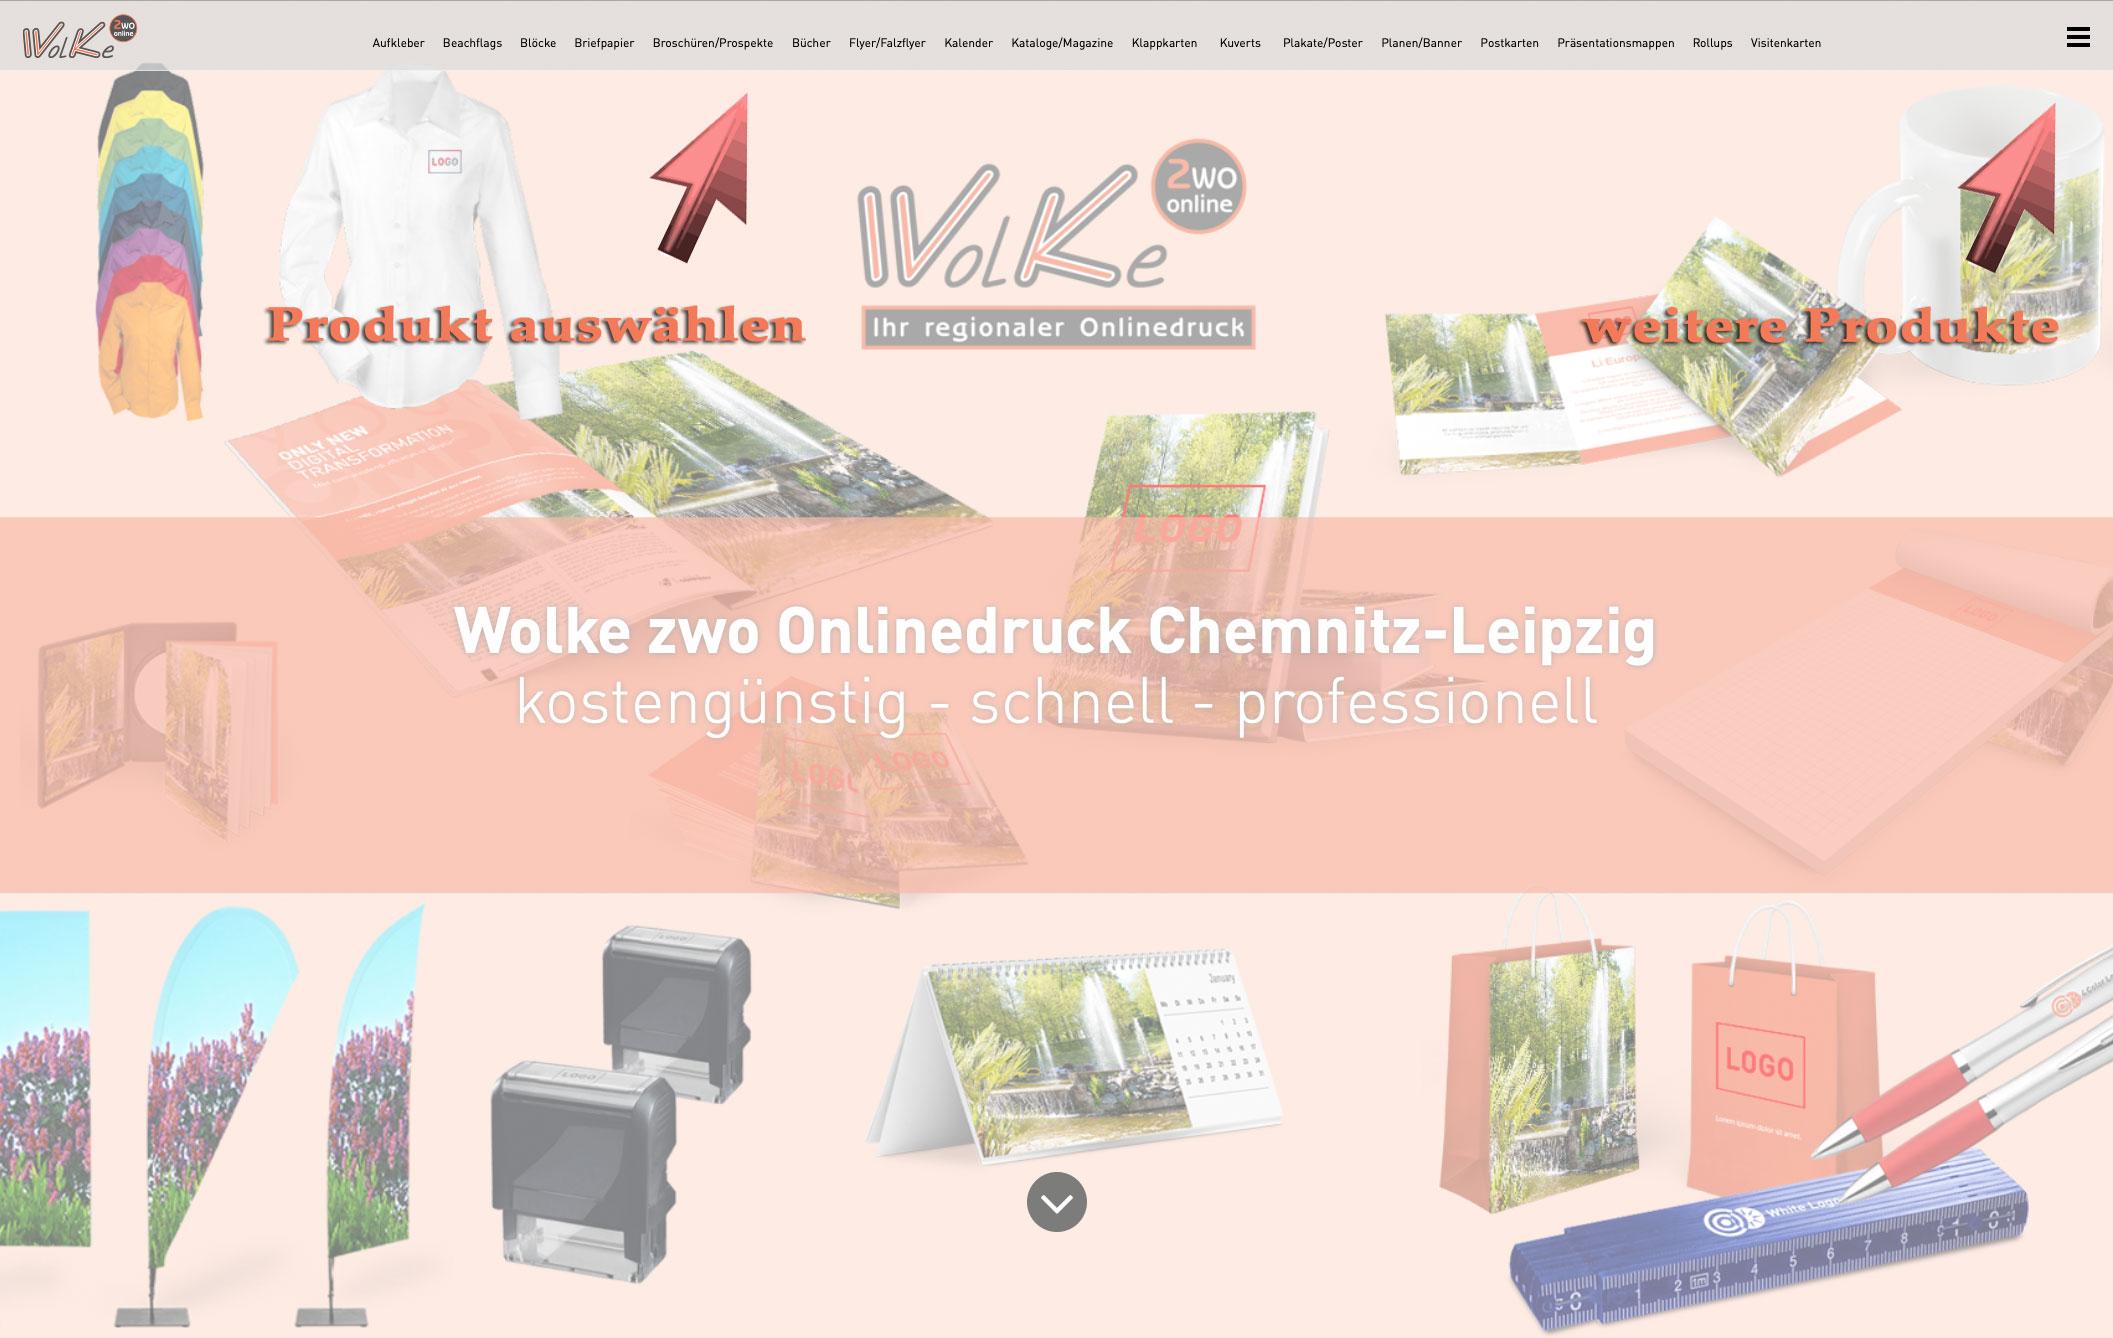 Onlinedruck mit Wolke zwo im Raum Chemnitz-Leipzig (Sachsen)